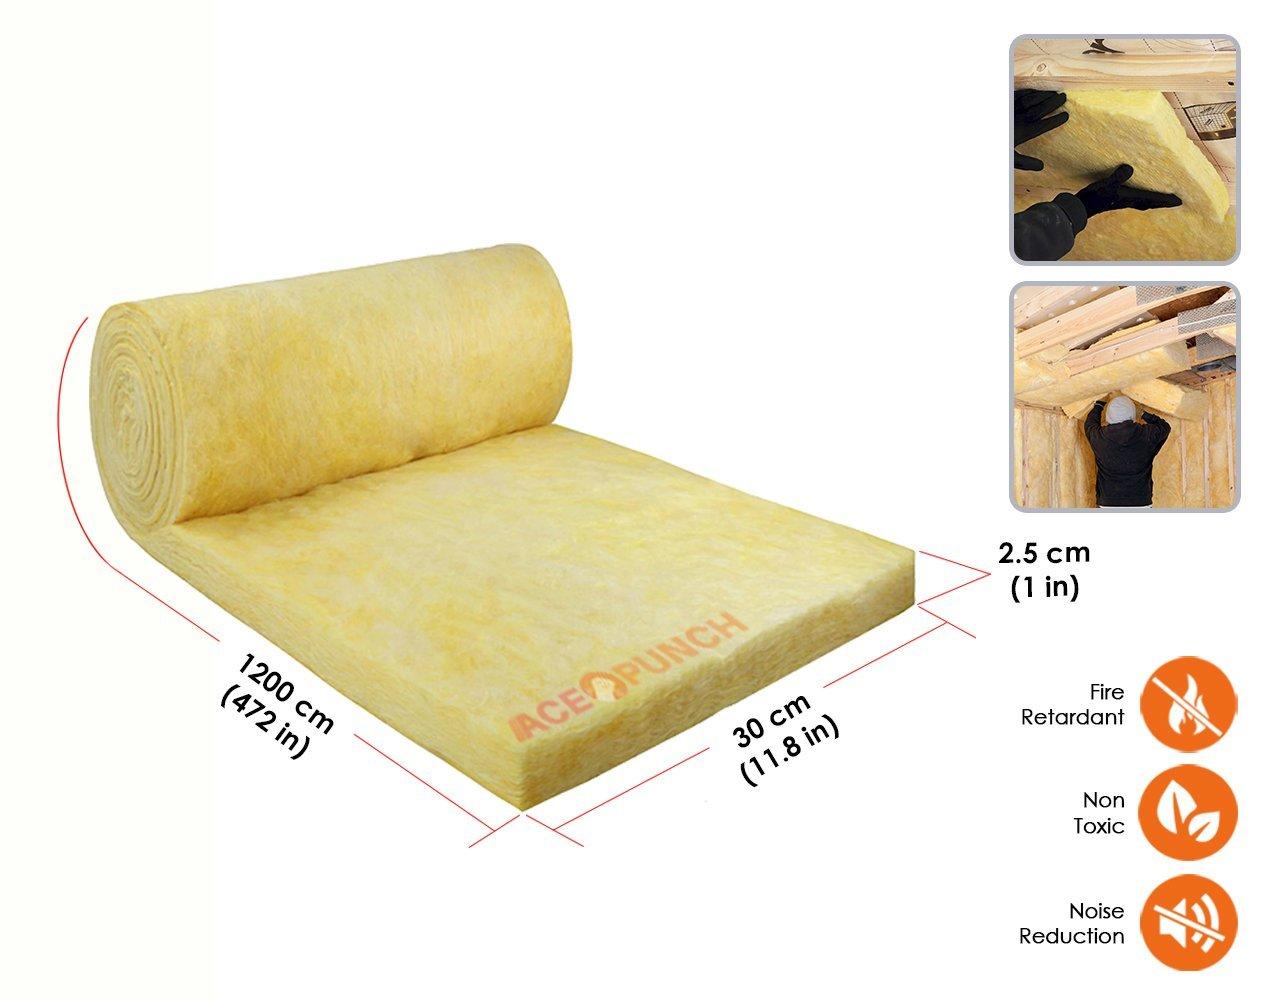 Acepunch Coche Espuma Aislante de Calor Aislamiento Té rmico Acú stico Impermeable Hidró fugo Sonido 7mm Grueso AP1149